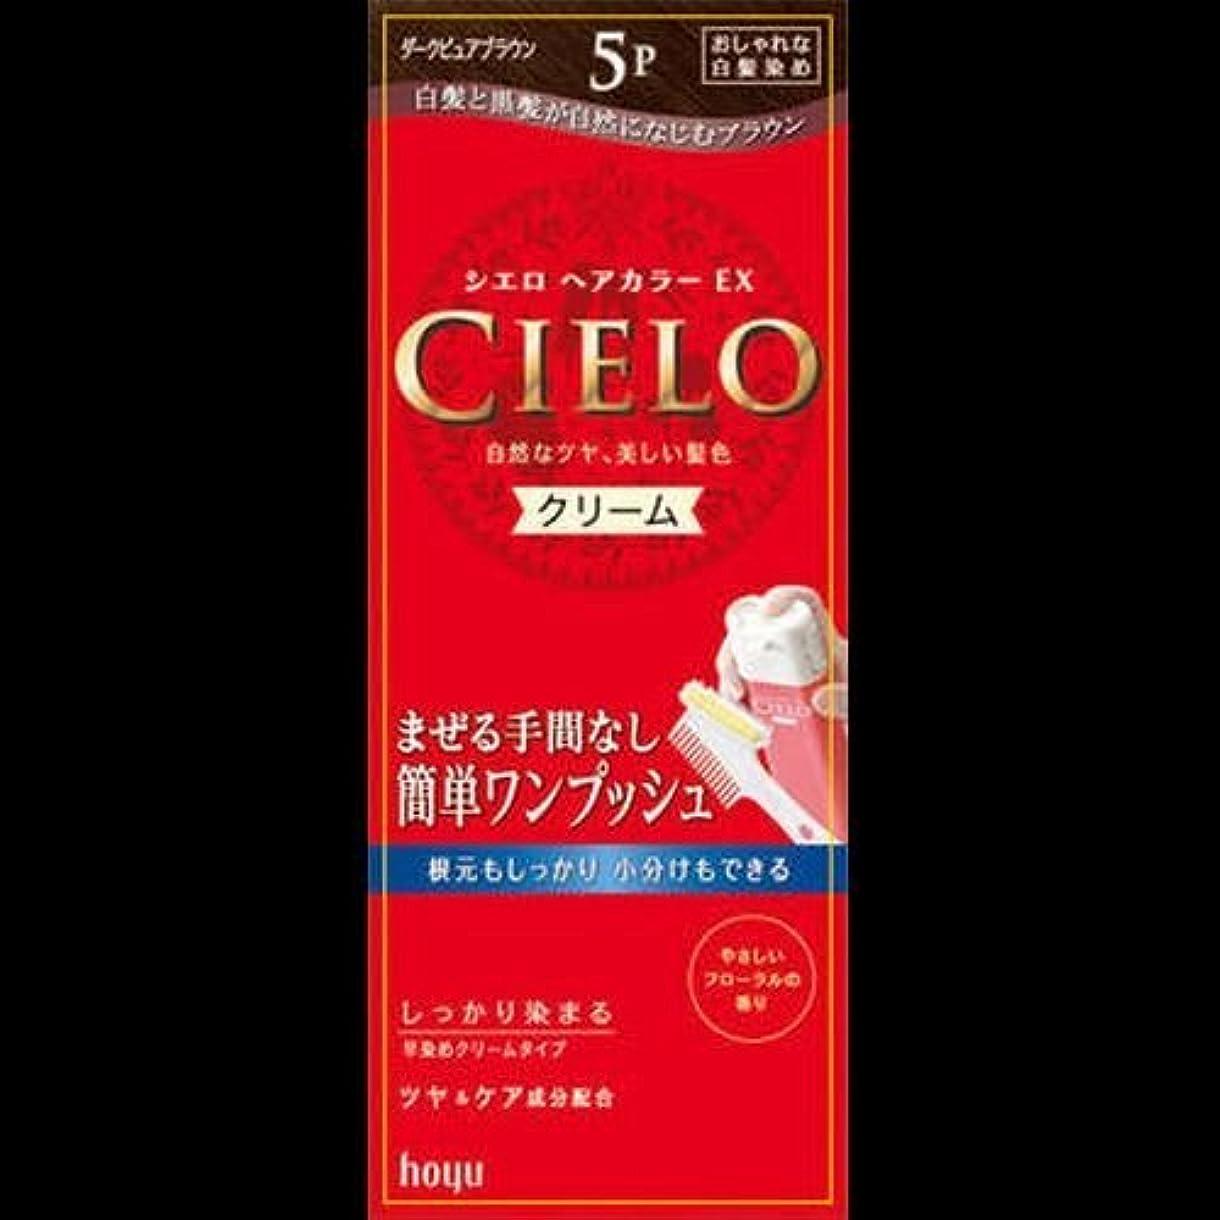 三十宿題公平なシエロ ヘアカラーEXクリーム 5P + ダークピュアブラウン ×2セット